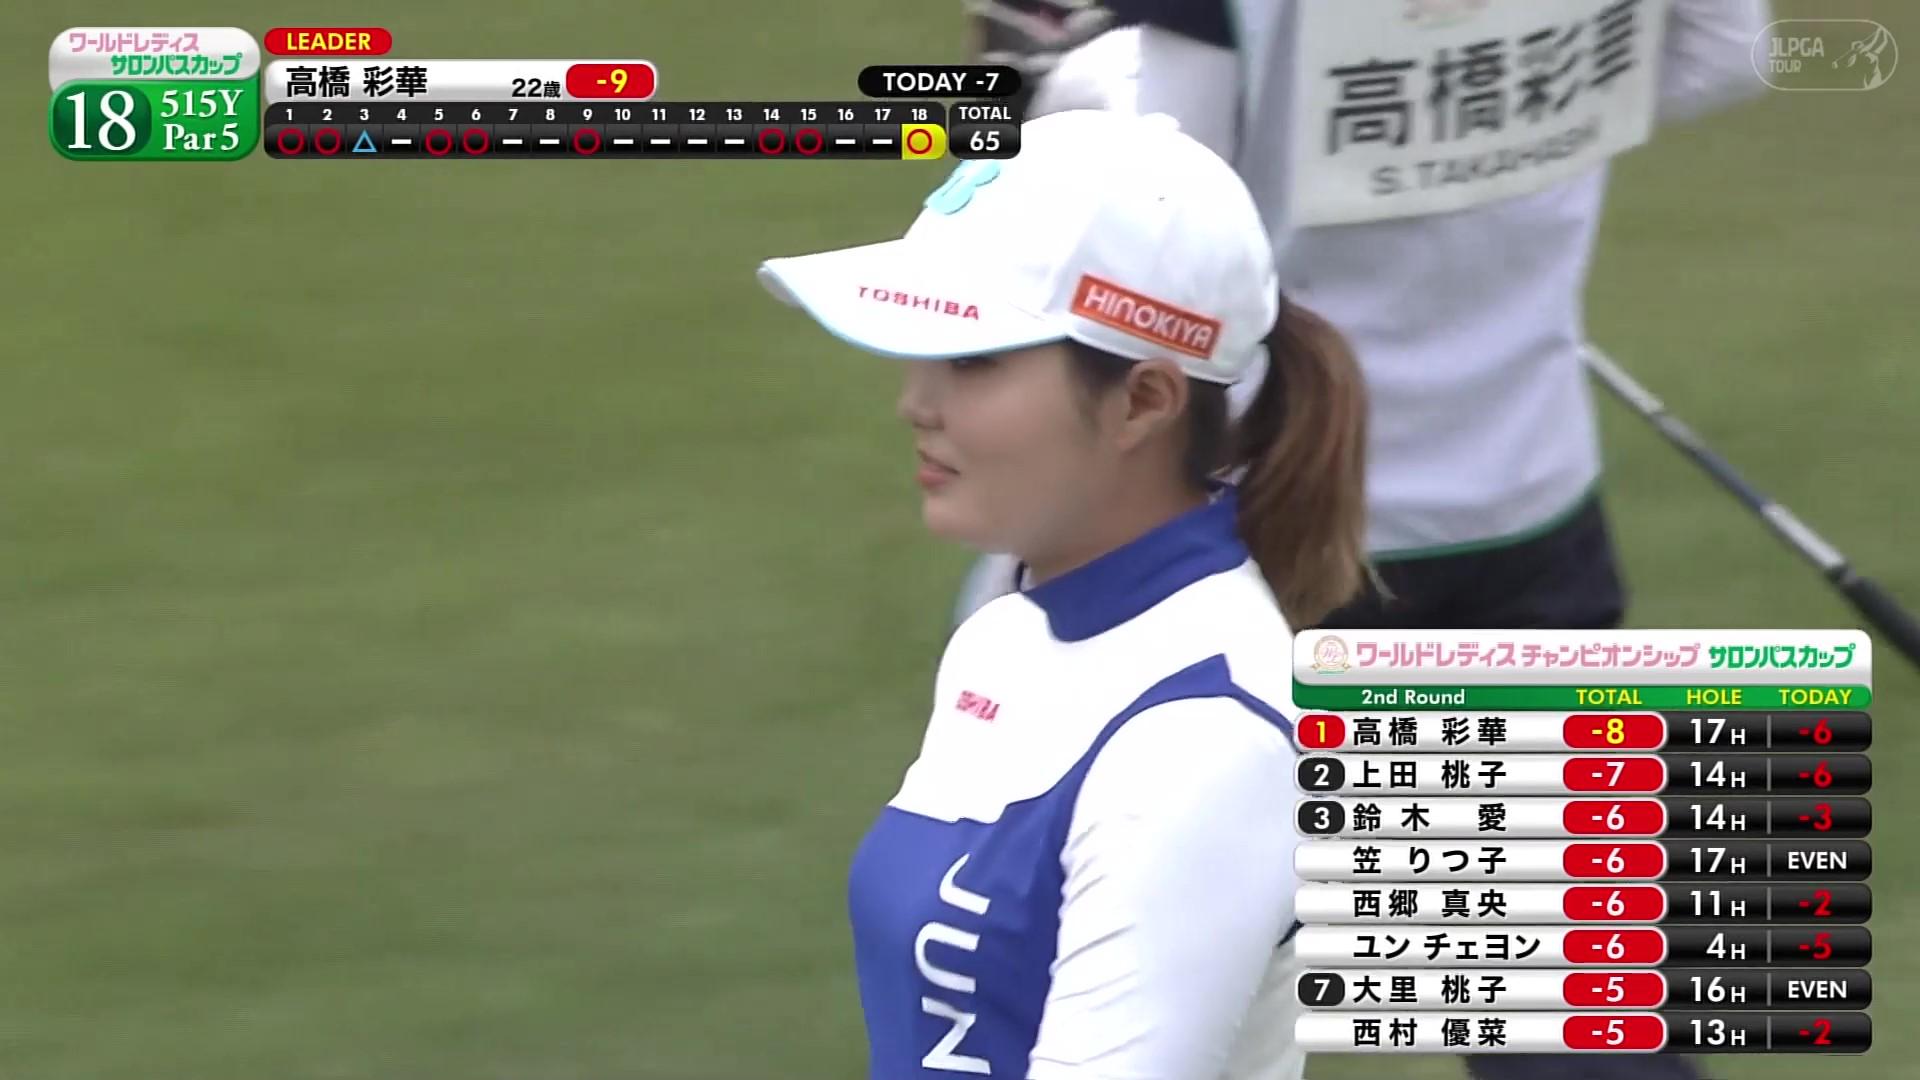 【女子ゴルフ】高橋 彩華 大きくスコアを伸ばす65をマークし、暫定首位!2日目ハイライト〈ワールドレディスチャンピオンシップサロンパスカップ2日目〉